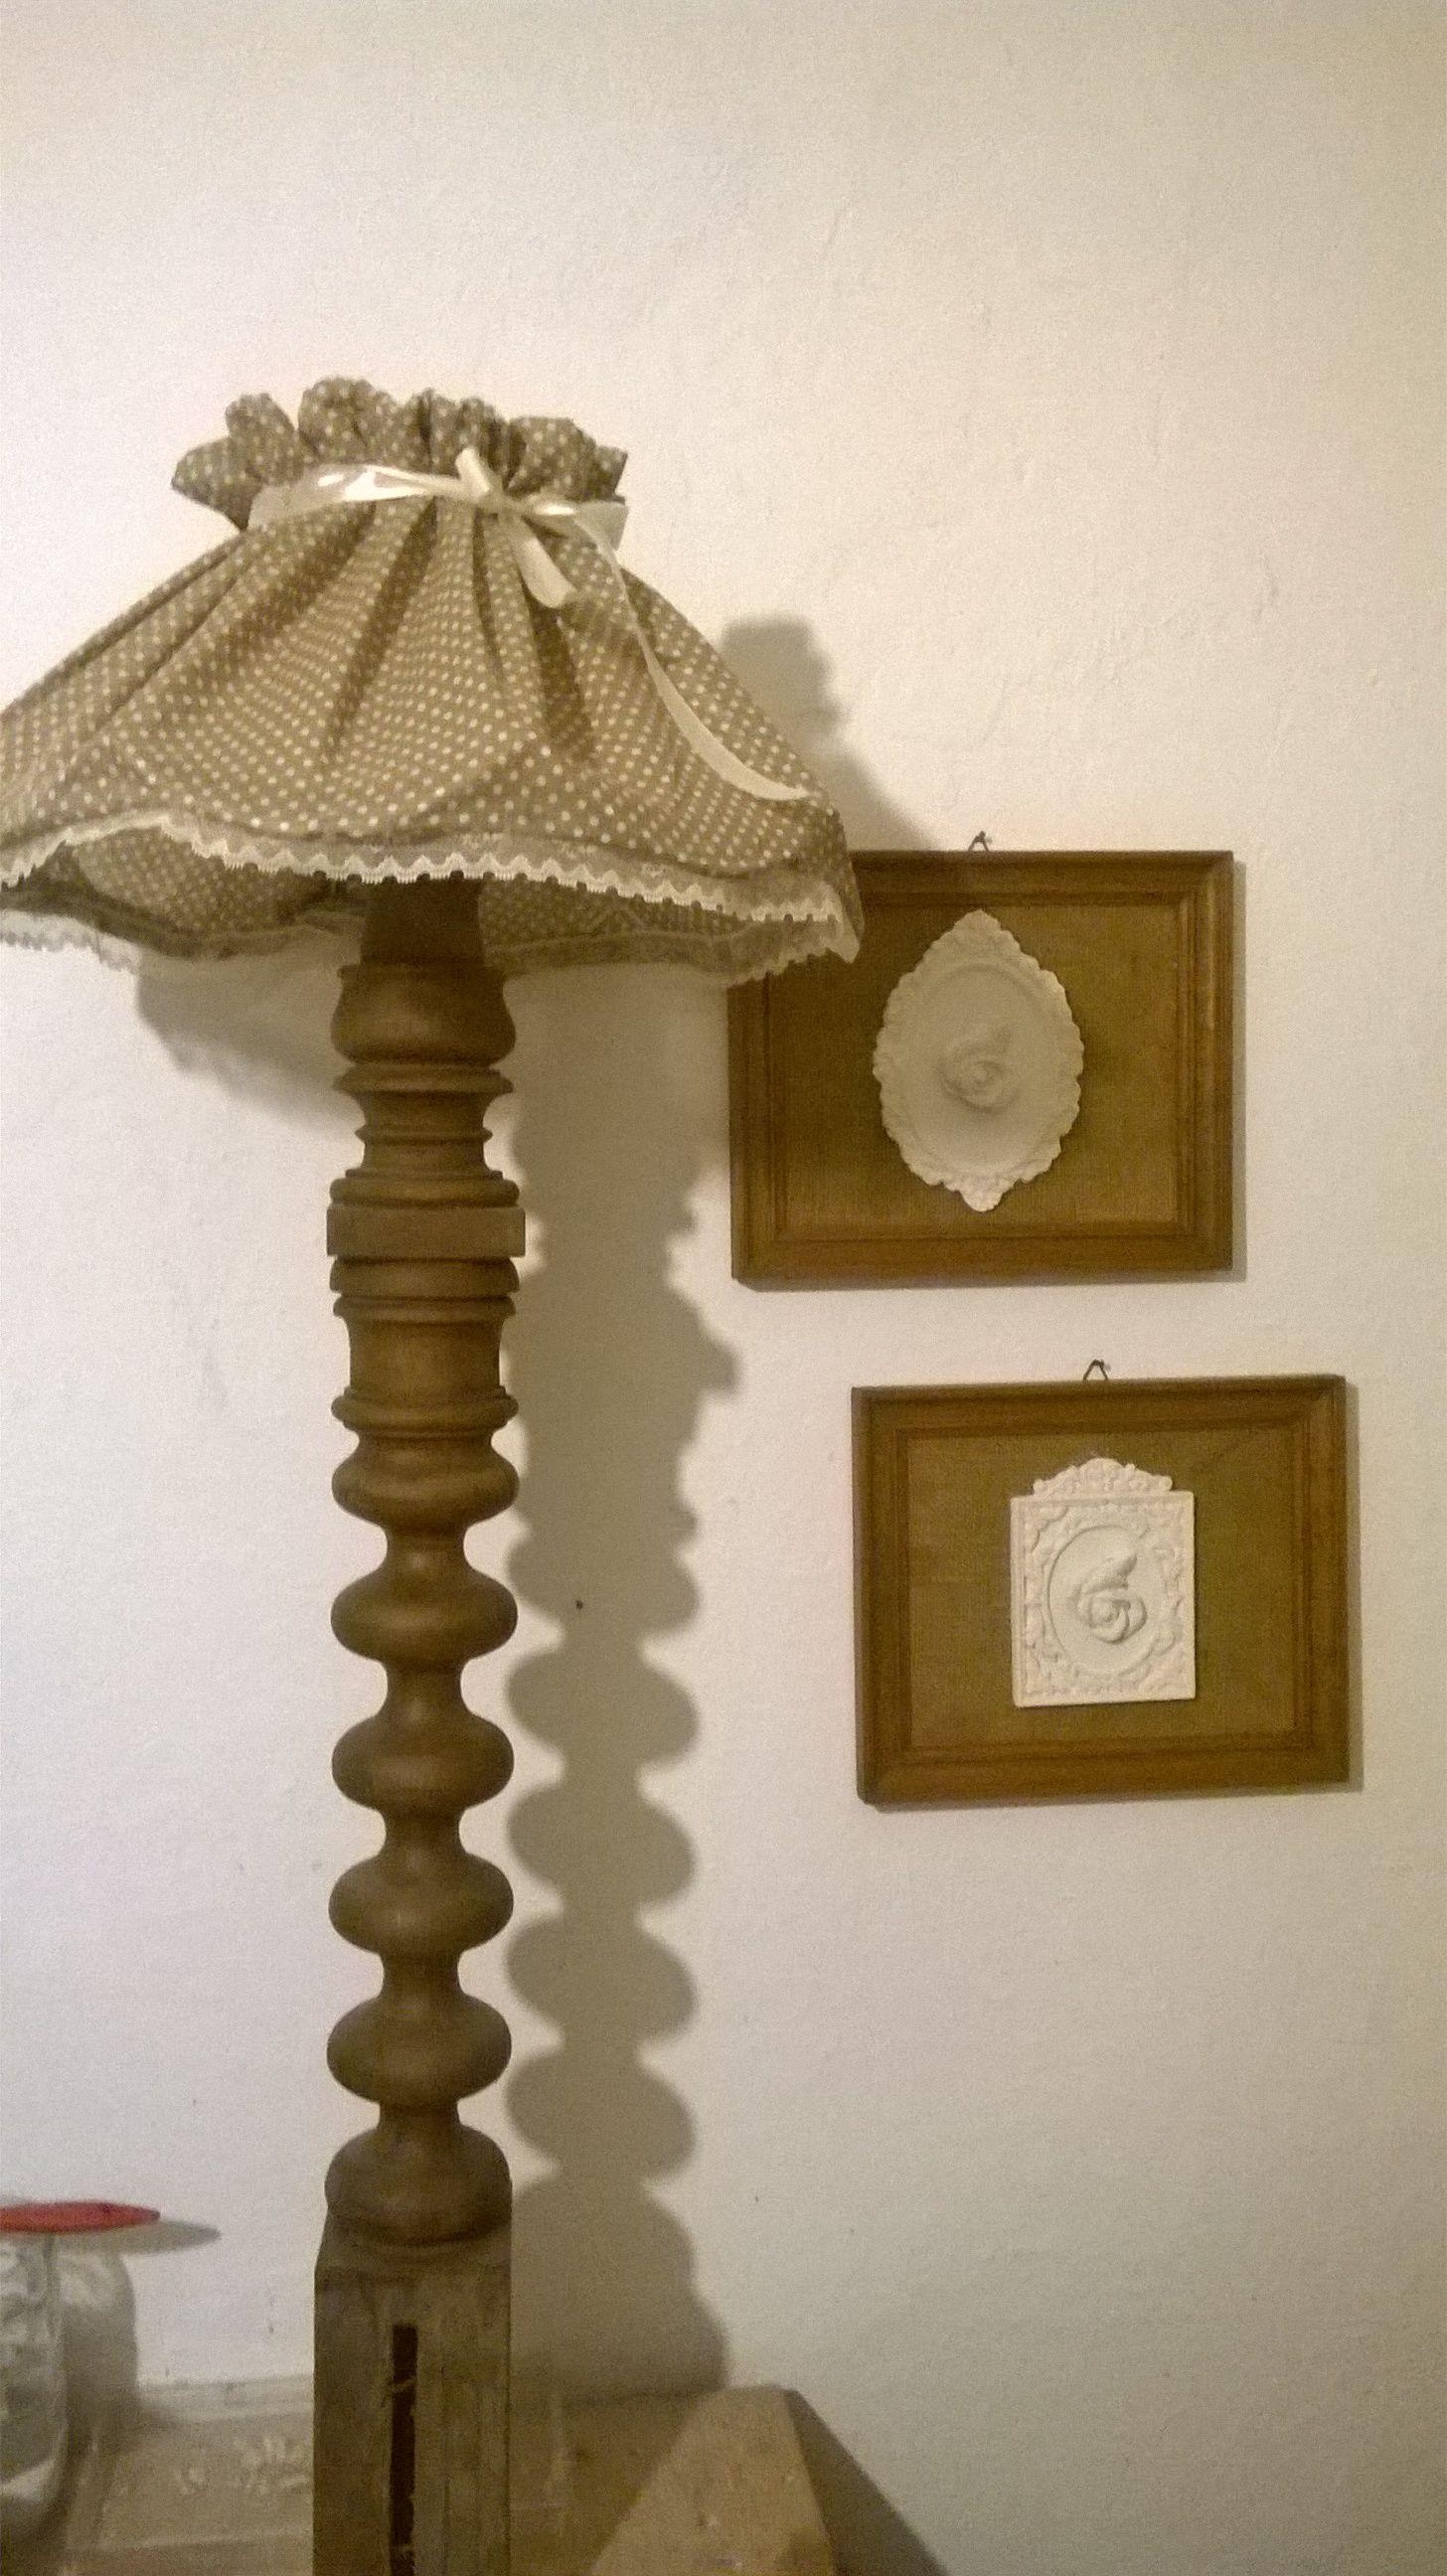 Lampada vintage con recupero creativo Shabby chic firmato M&M Art